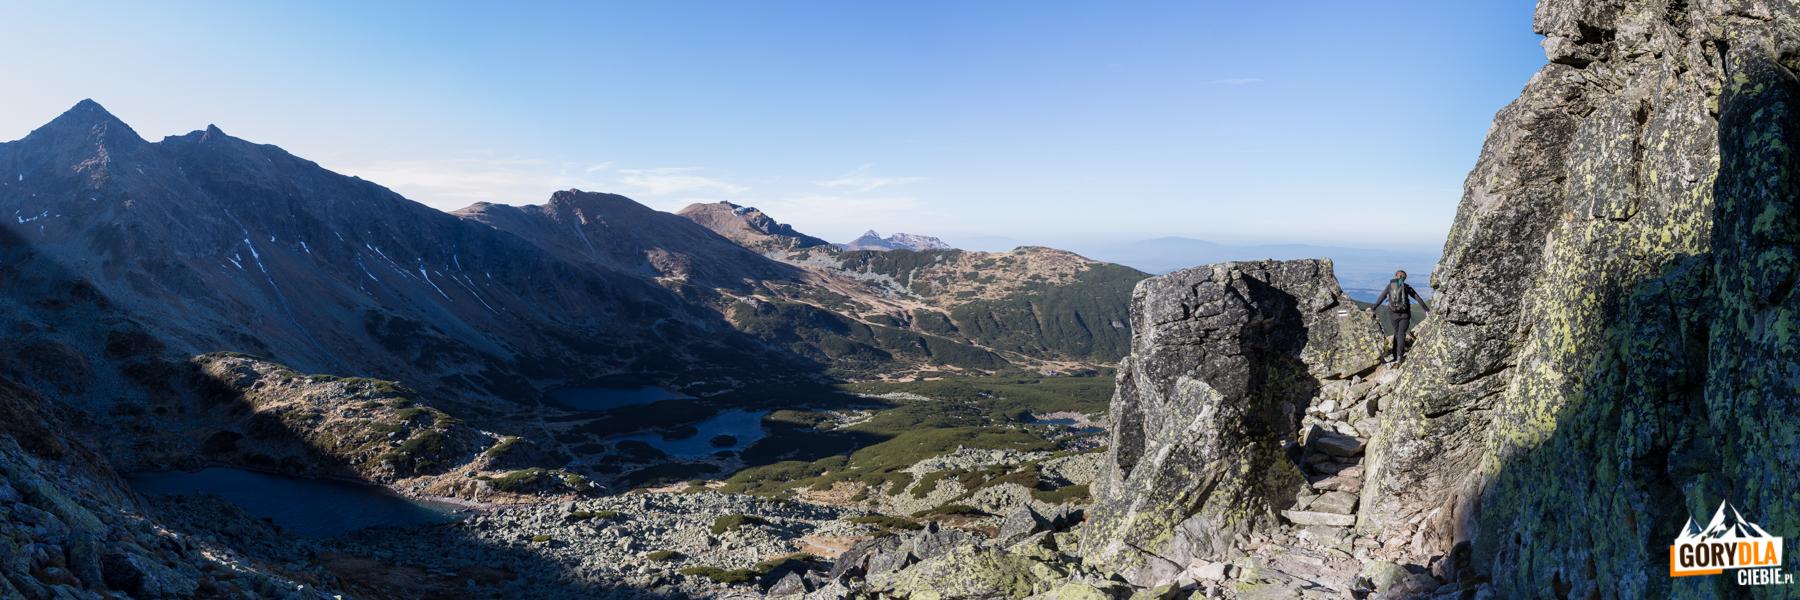 Widok na Dolinę Zieloną Gąsienicową z nad Przełęczy Karb